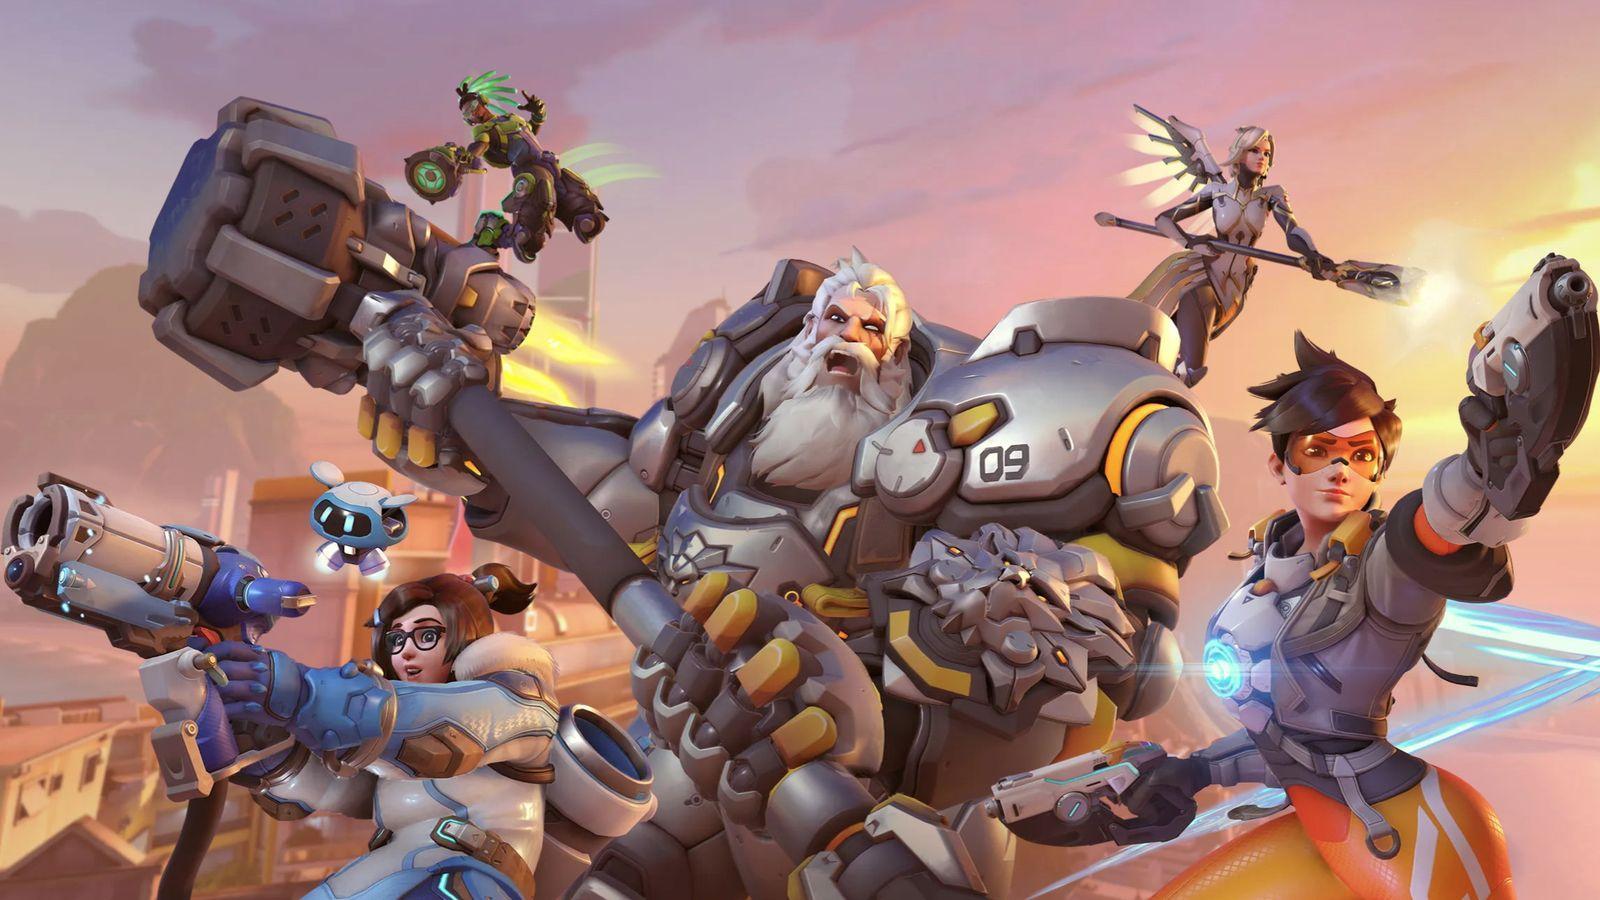 Джефф Каплан - руководитель Overwatch покидает Blizzard спустя 19 лет работы 3